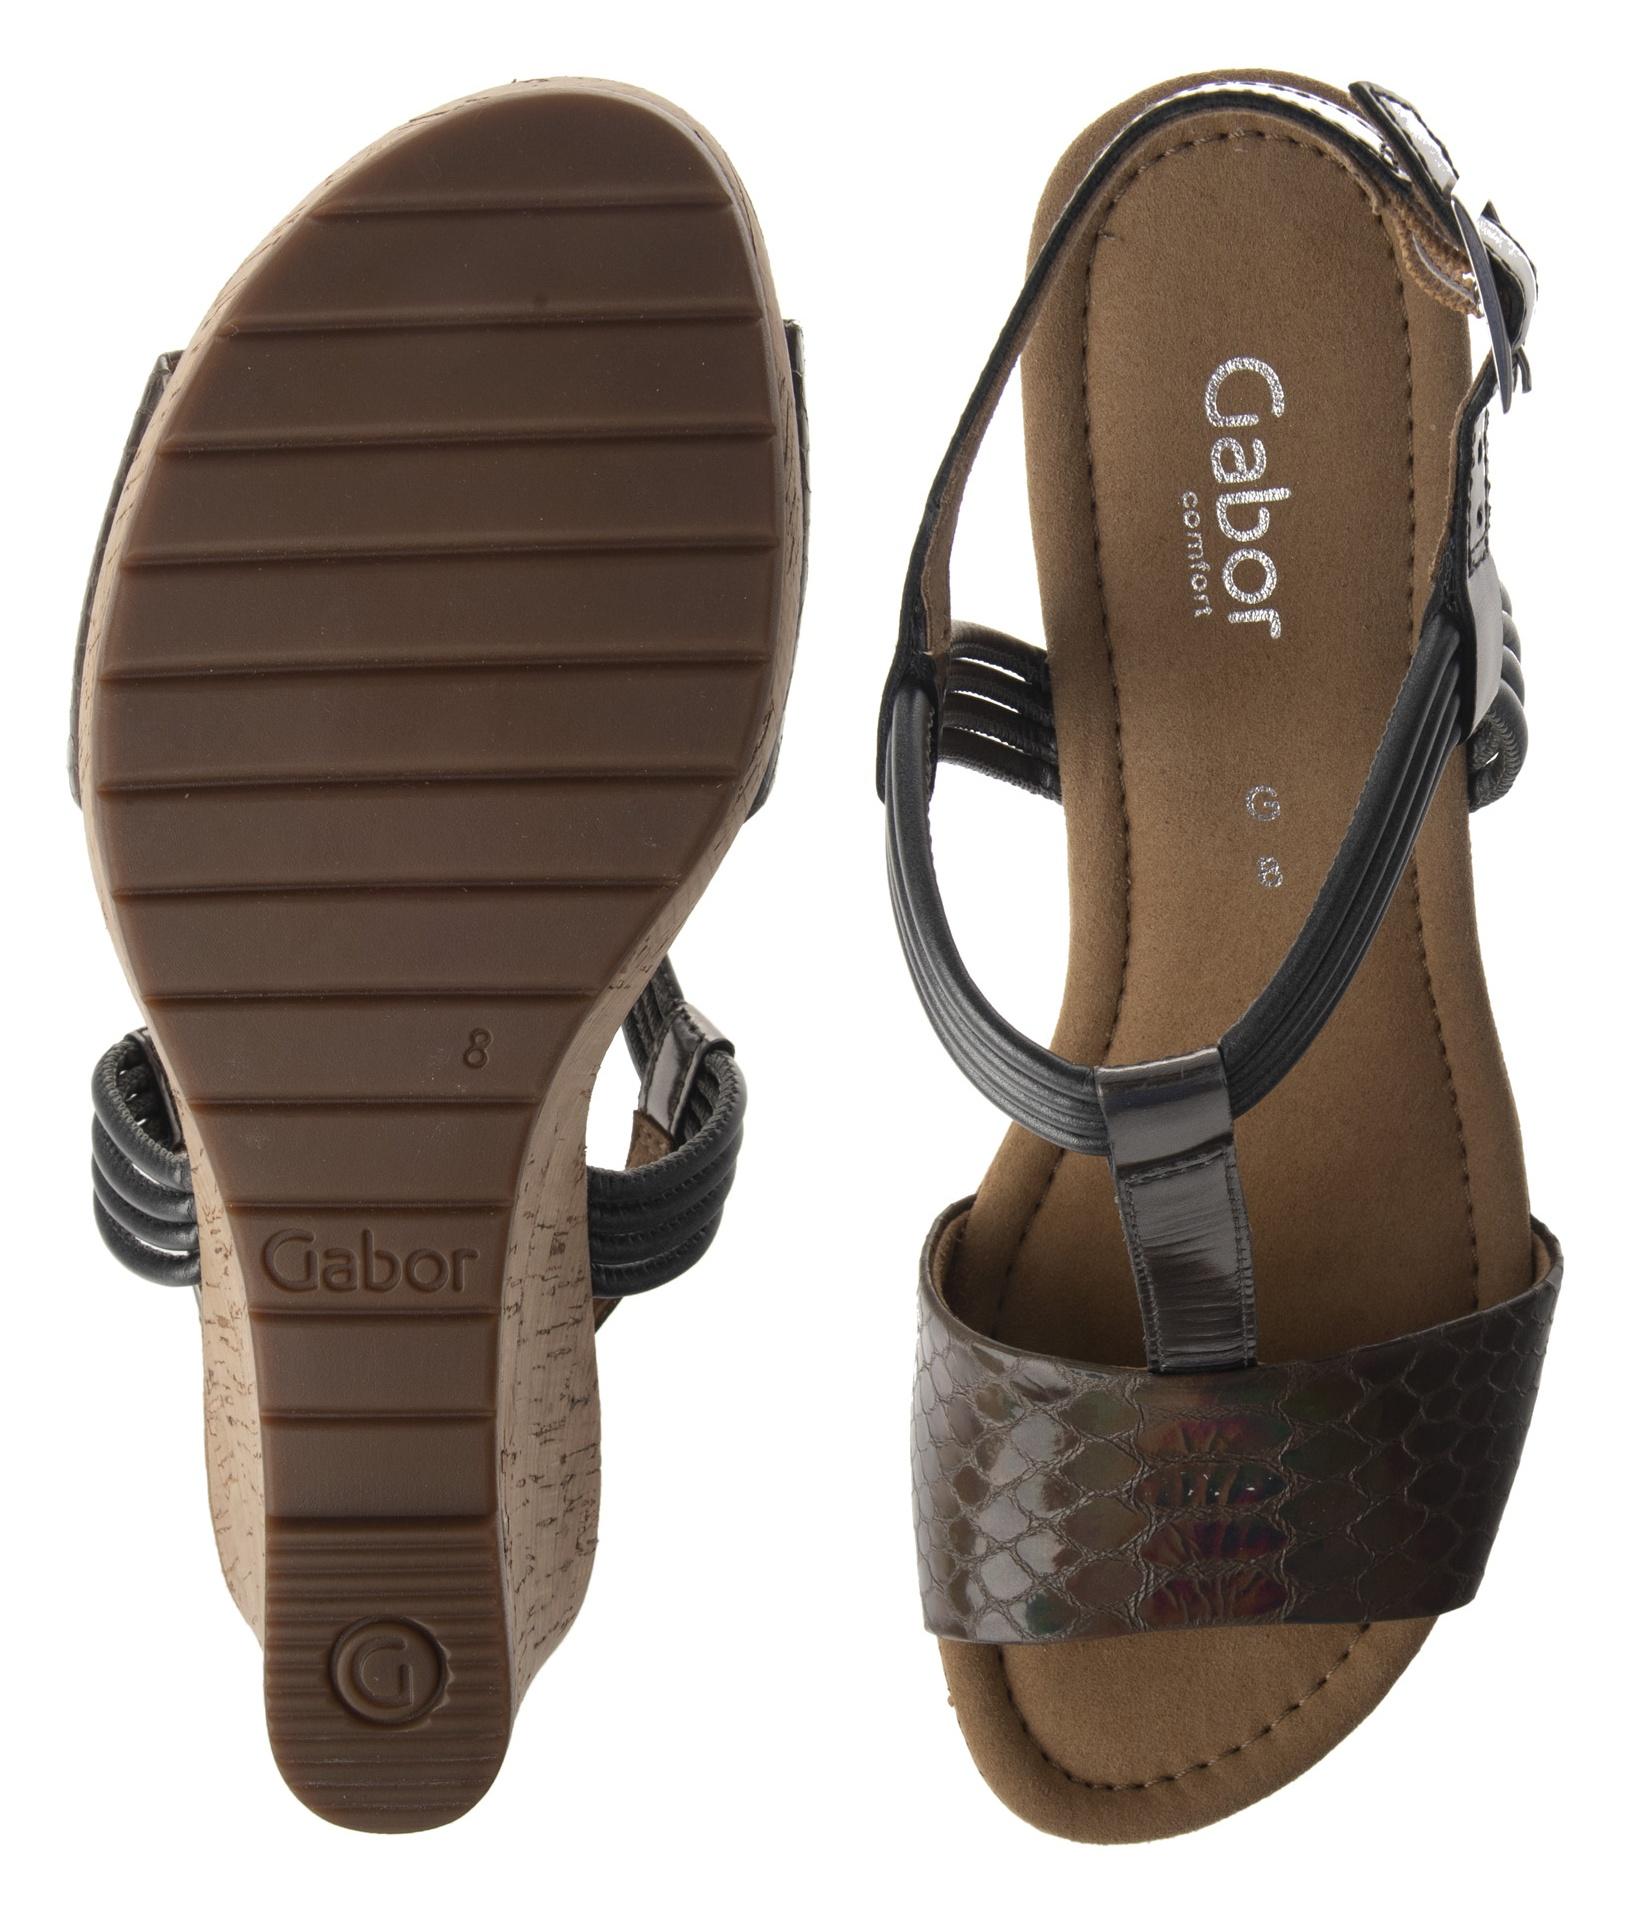 کفش زنانه گابور مدل 62.828.85 main 1 5